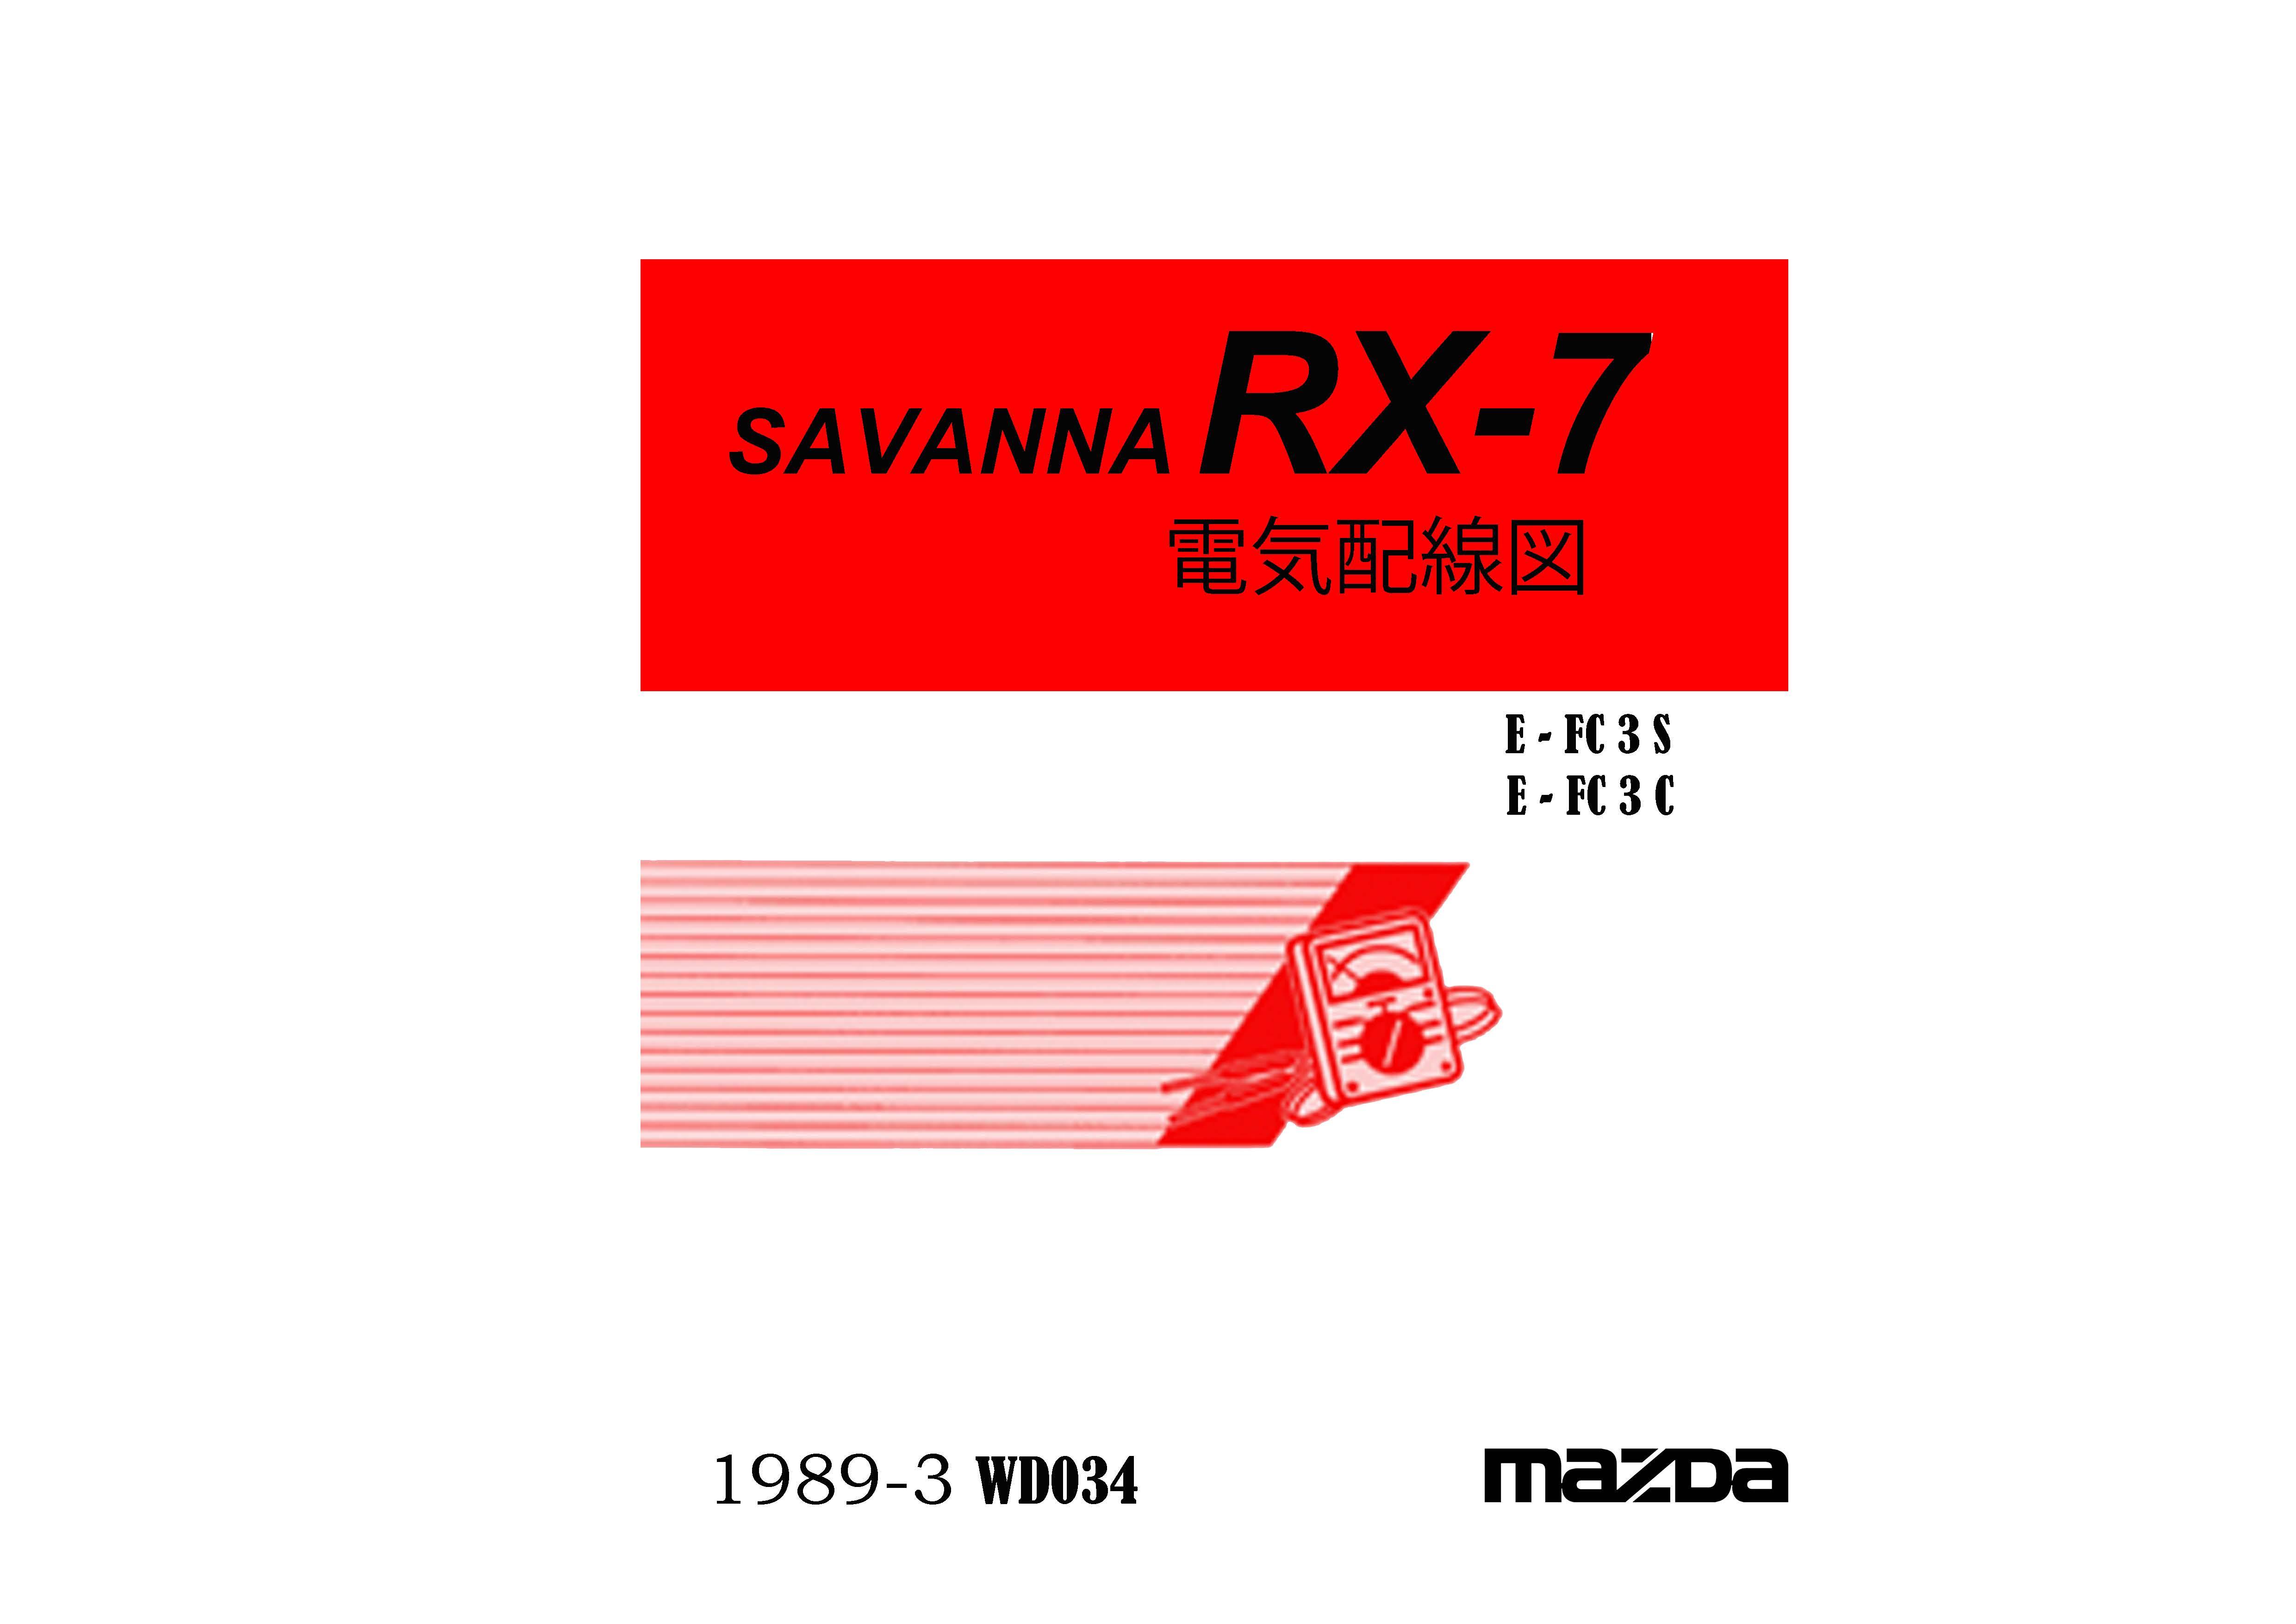 หนังสือ Wiring Diagram MAZDA SAVANNA RX-7 1989-3~ (JP)